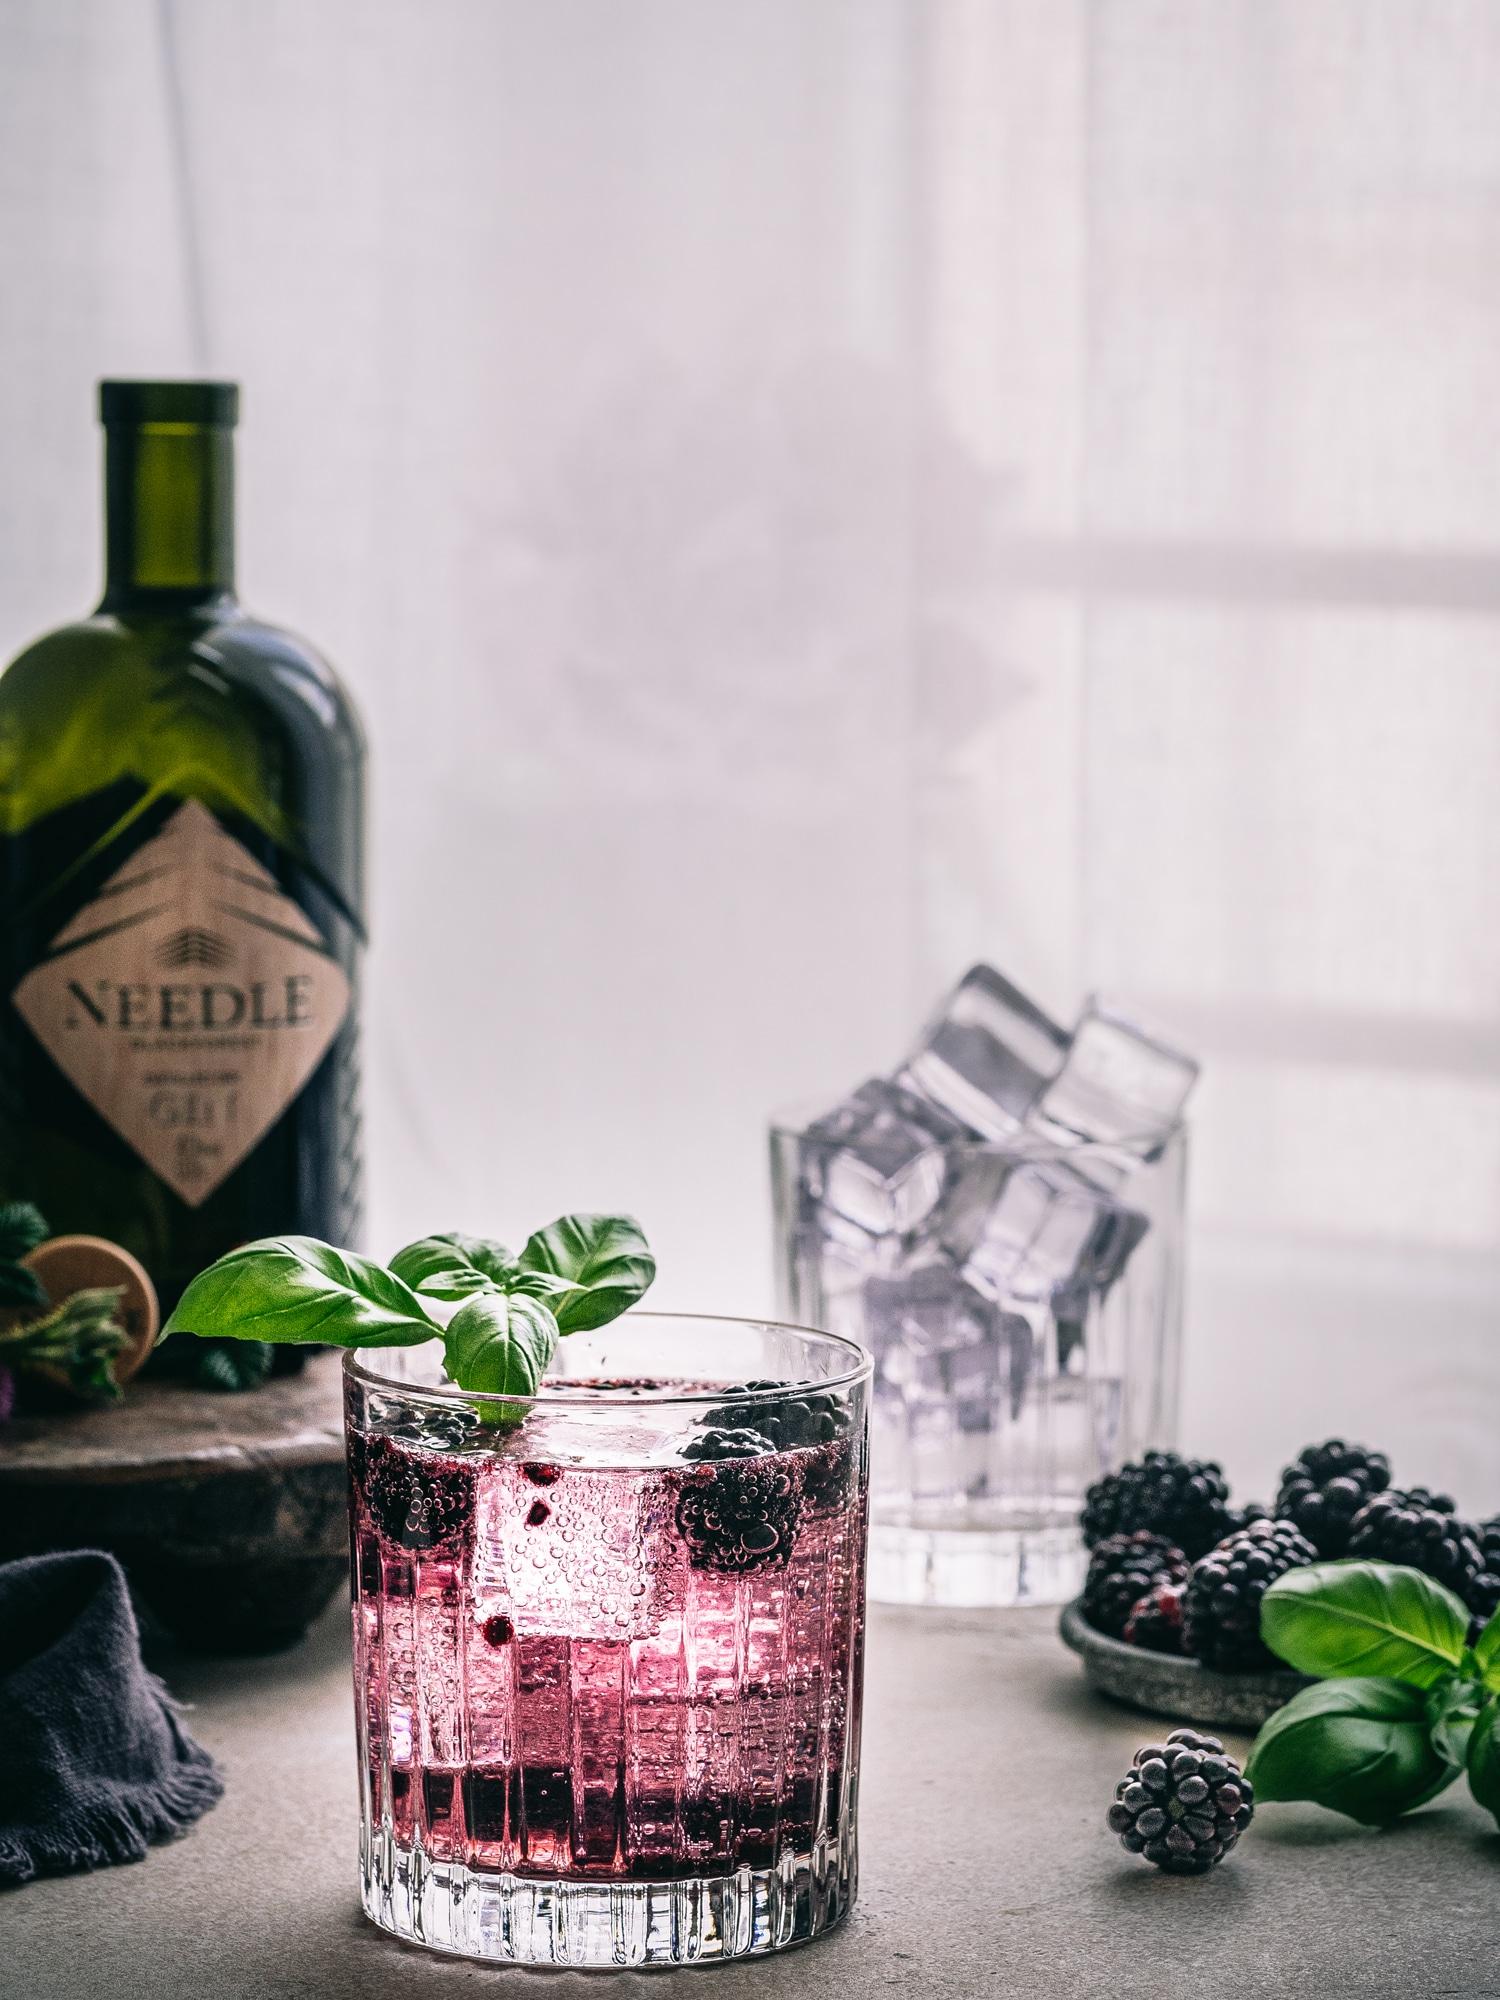 Gin Fizz Rezept ohne Tonic mit Needle Gin. Brombeer und Basilikum Gin Fizz. Gin Cocktail, einfach und lecker.